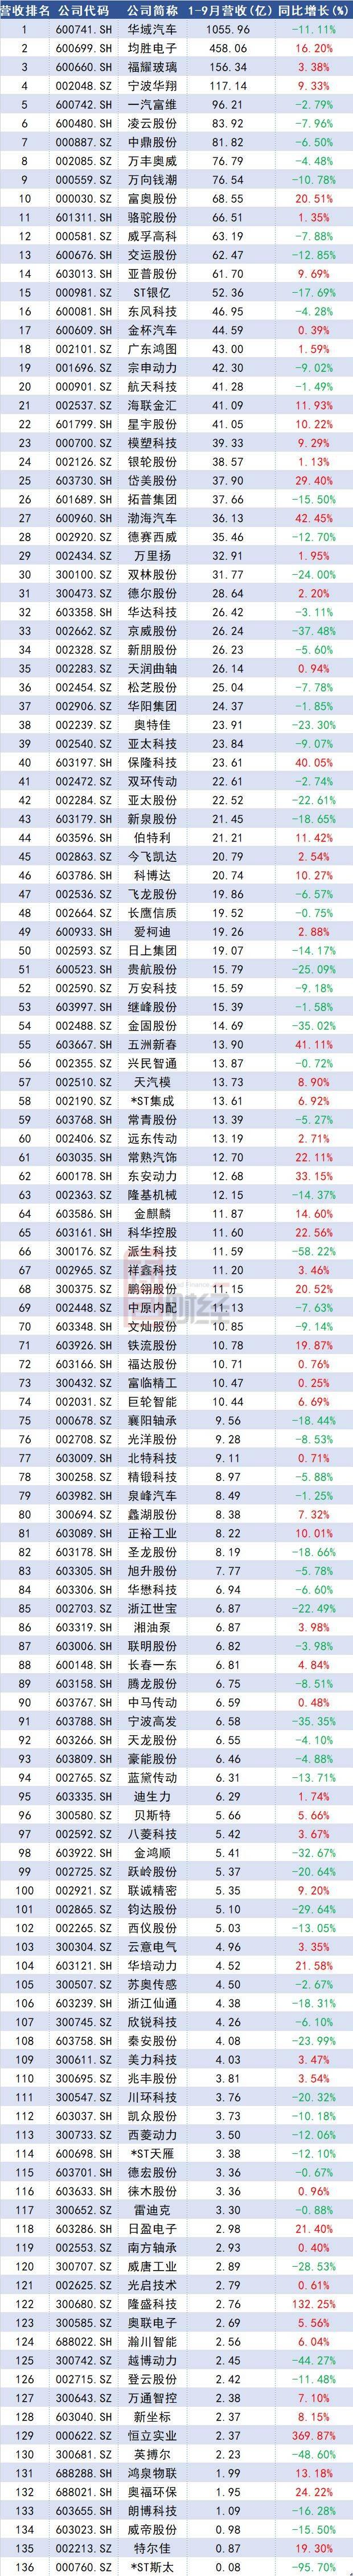 """万达娱乐猫,2019PUBG生态年度盛事:首届""""鸡斯卡""""奖项揭晓"""